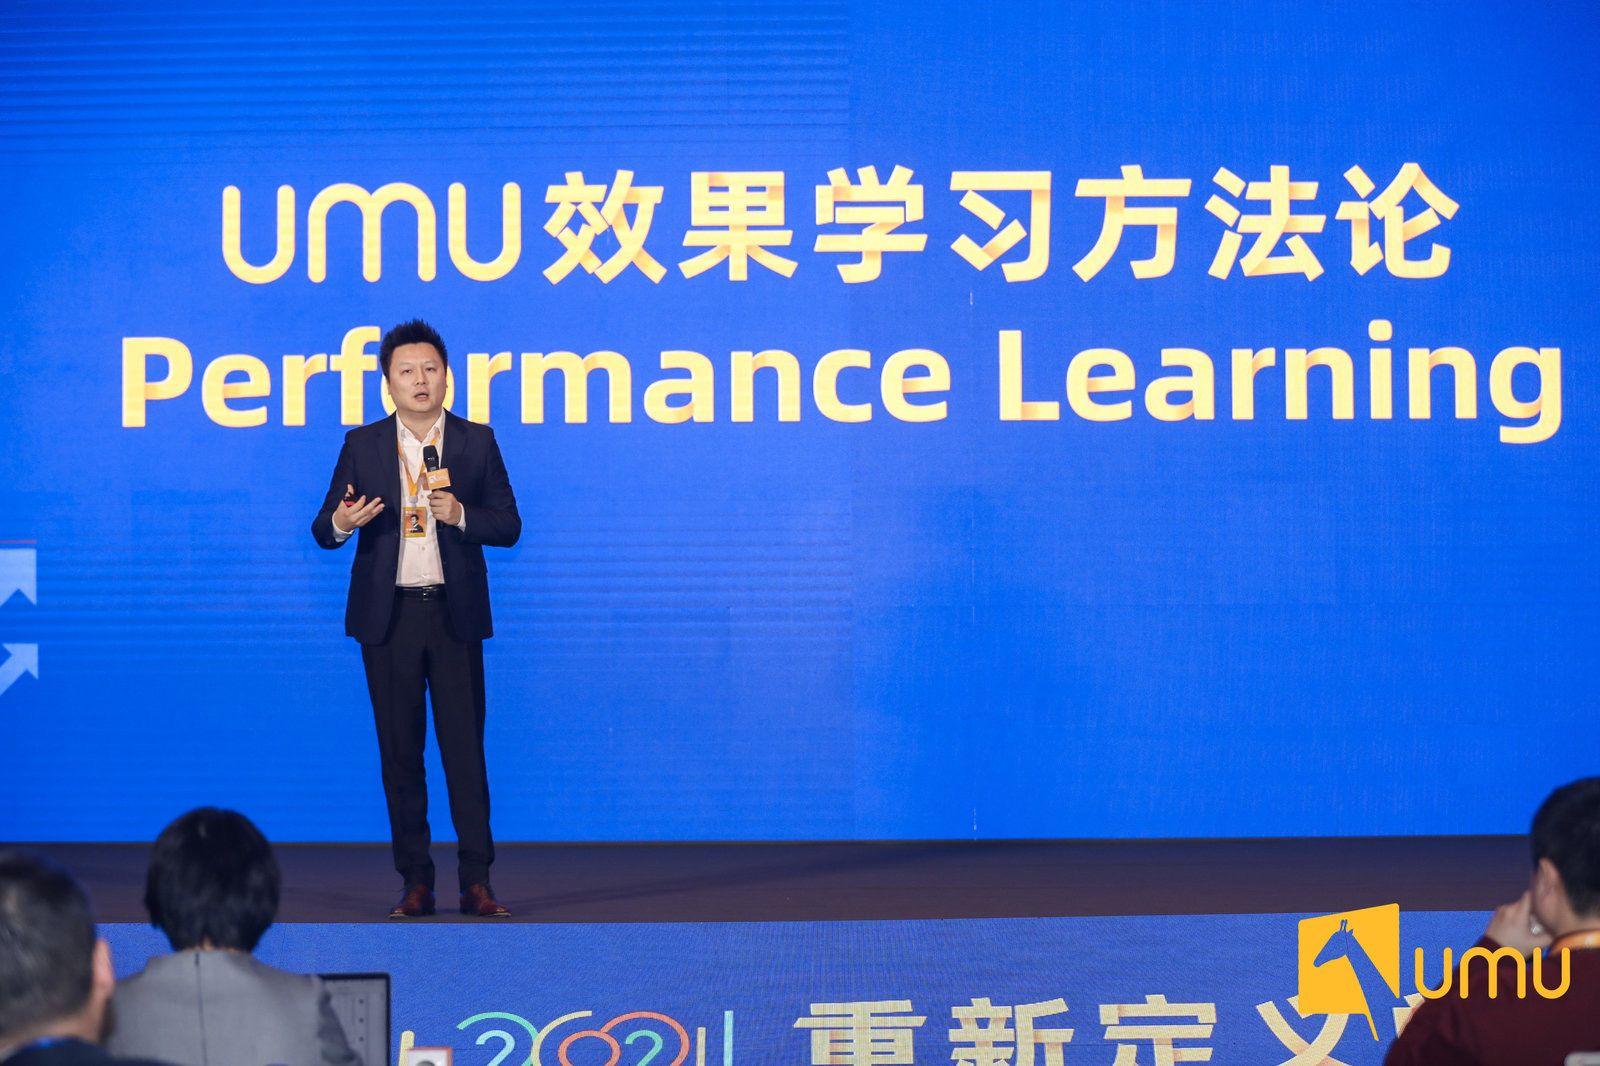 UMU完成了1.2亿元的C轮融资,腾讯牵头投资